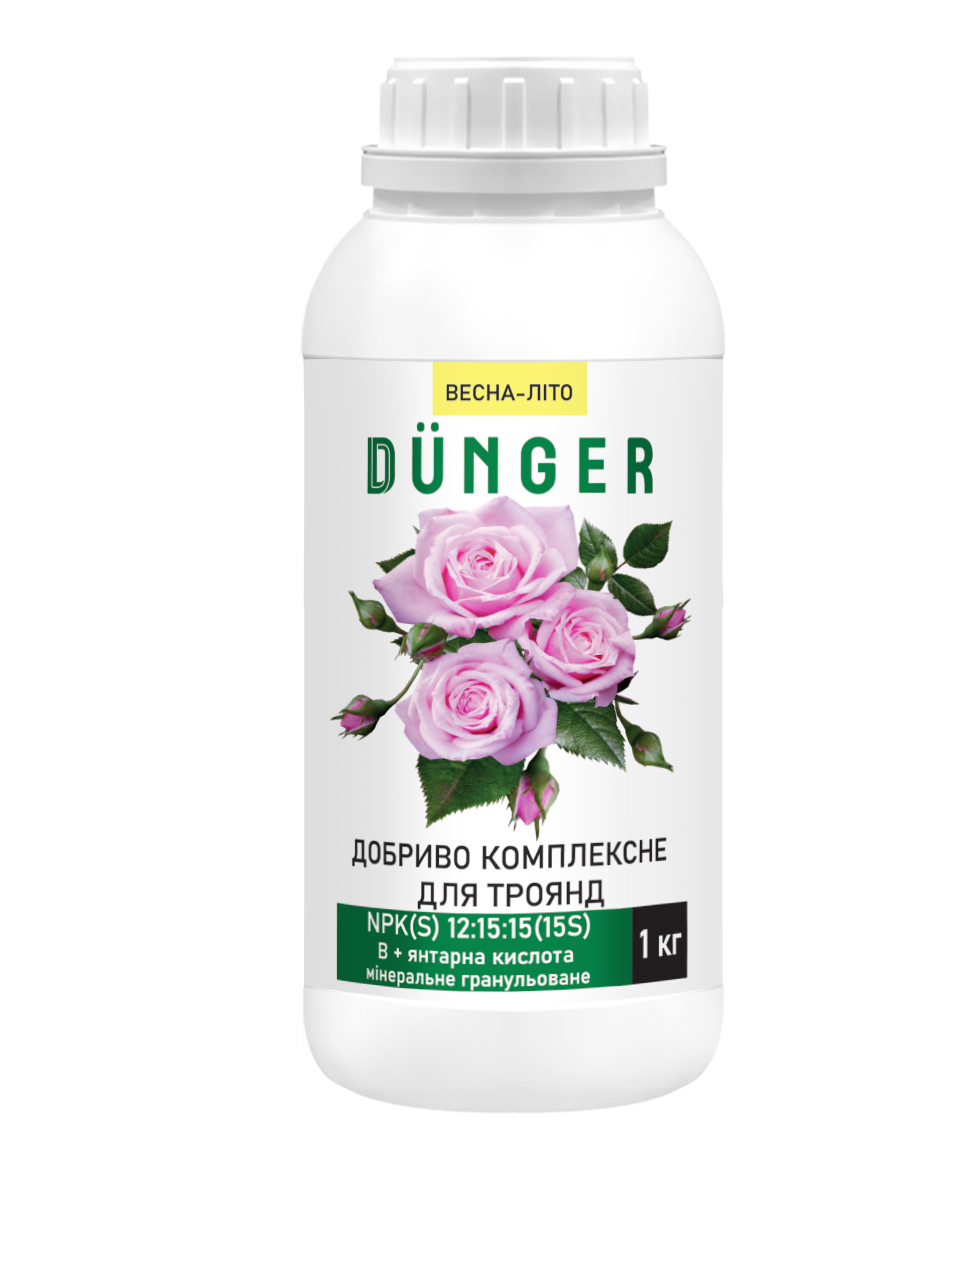 Dunger Комплексне добриво для троянд 1кг NPKS(В) 12:15:15:15(0,035) + 0,01% янтарна кислота